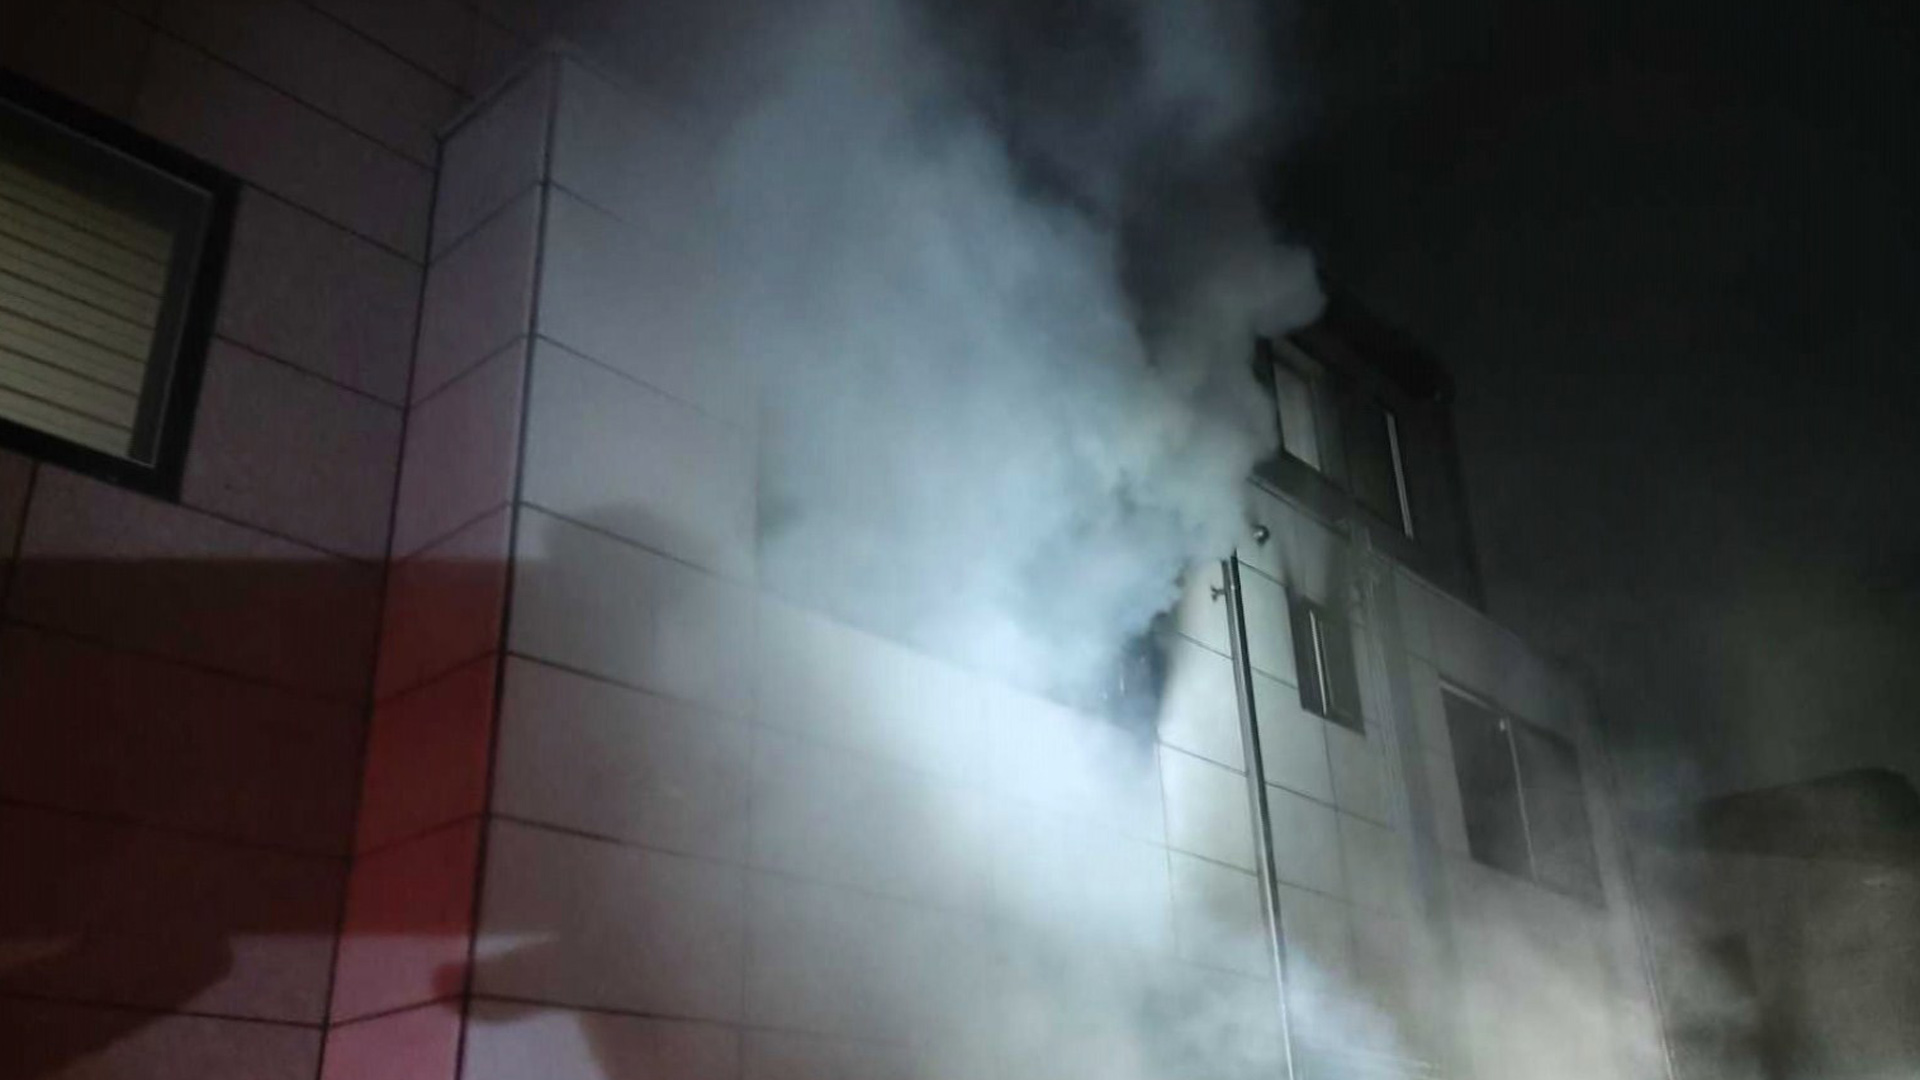 원주 반곡동 주택 2층서 불…4명 부상